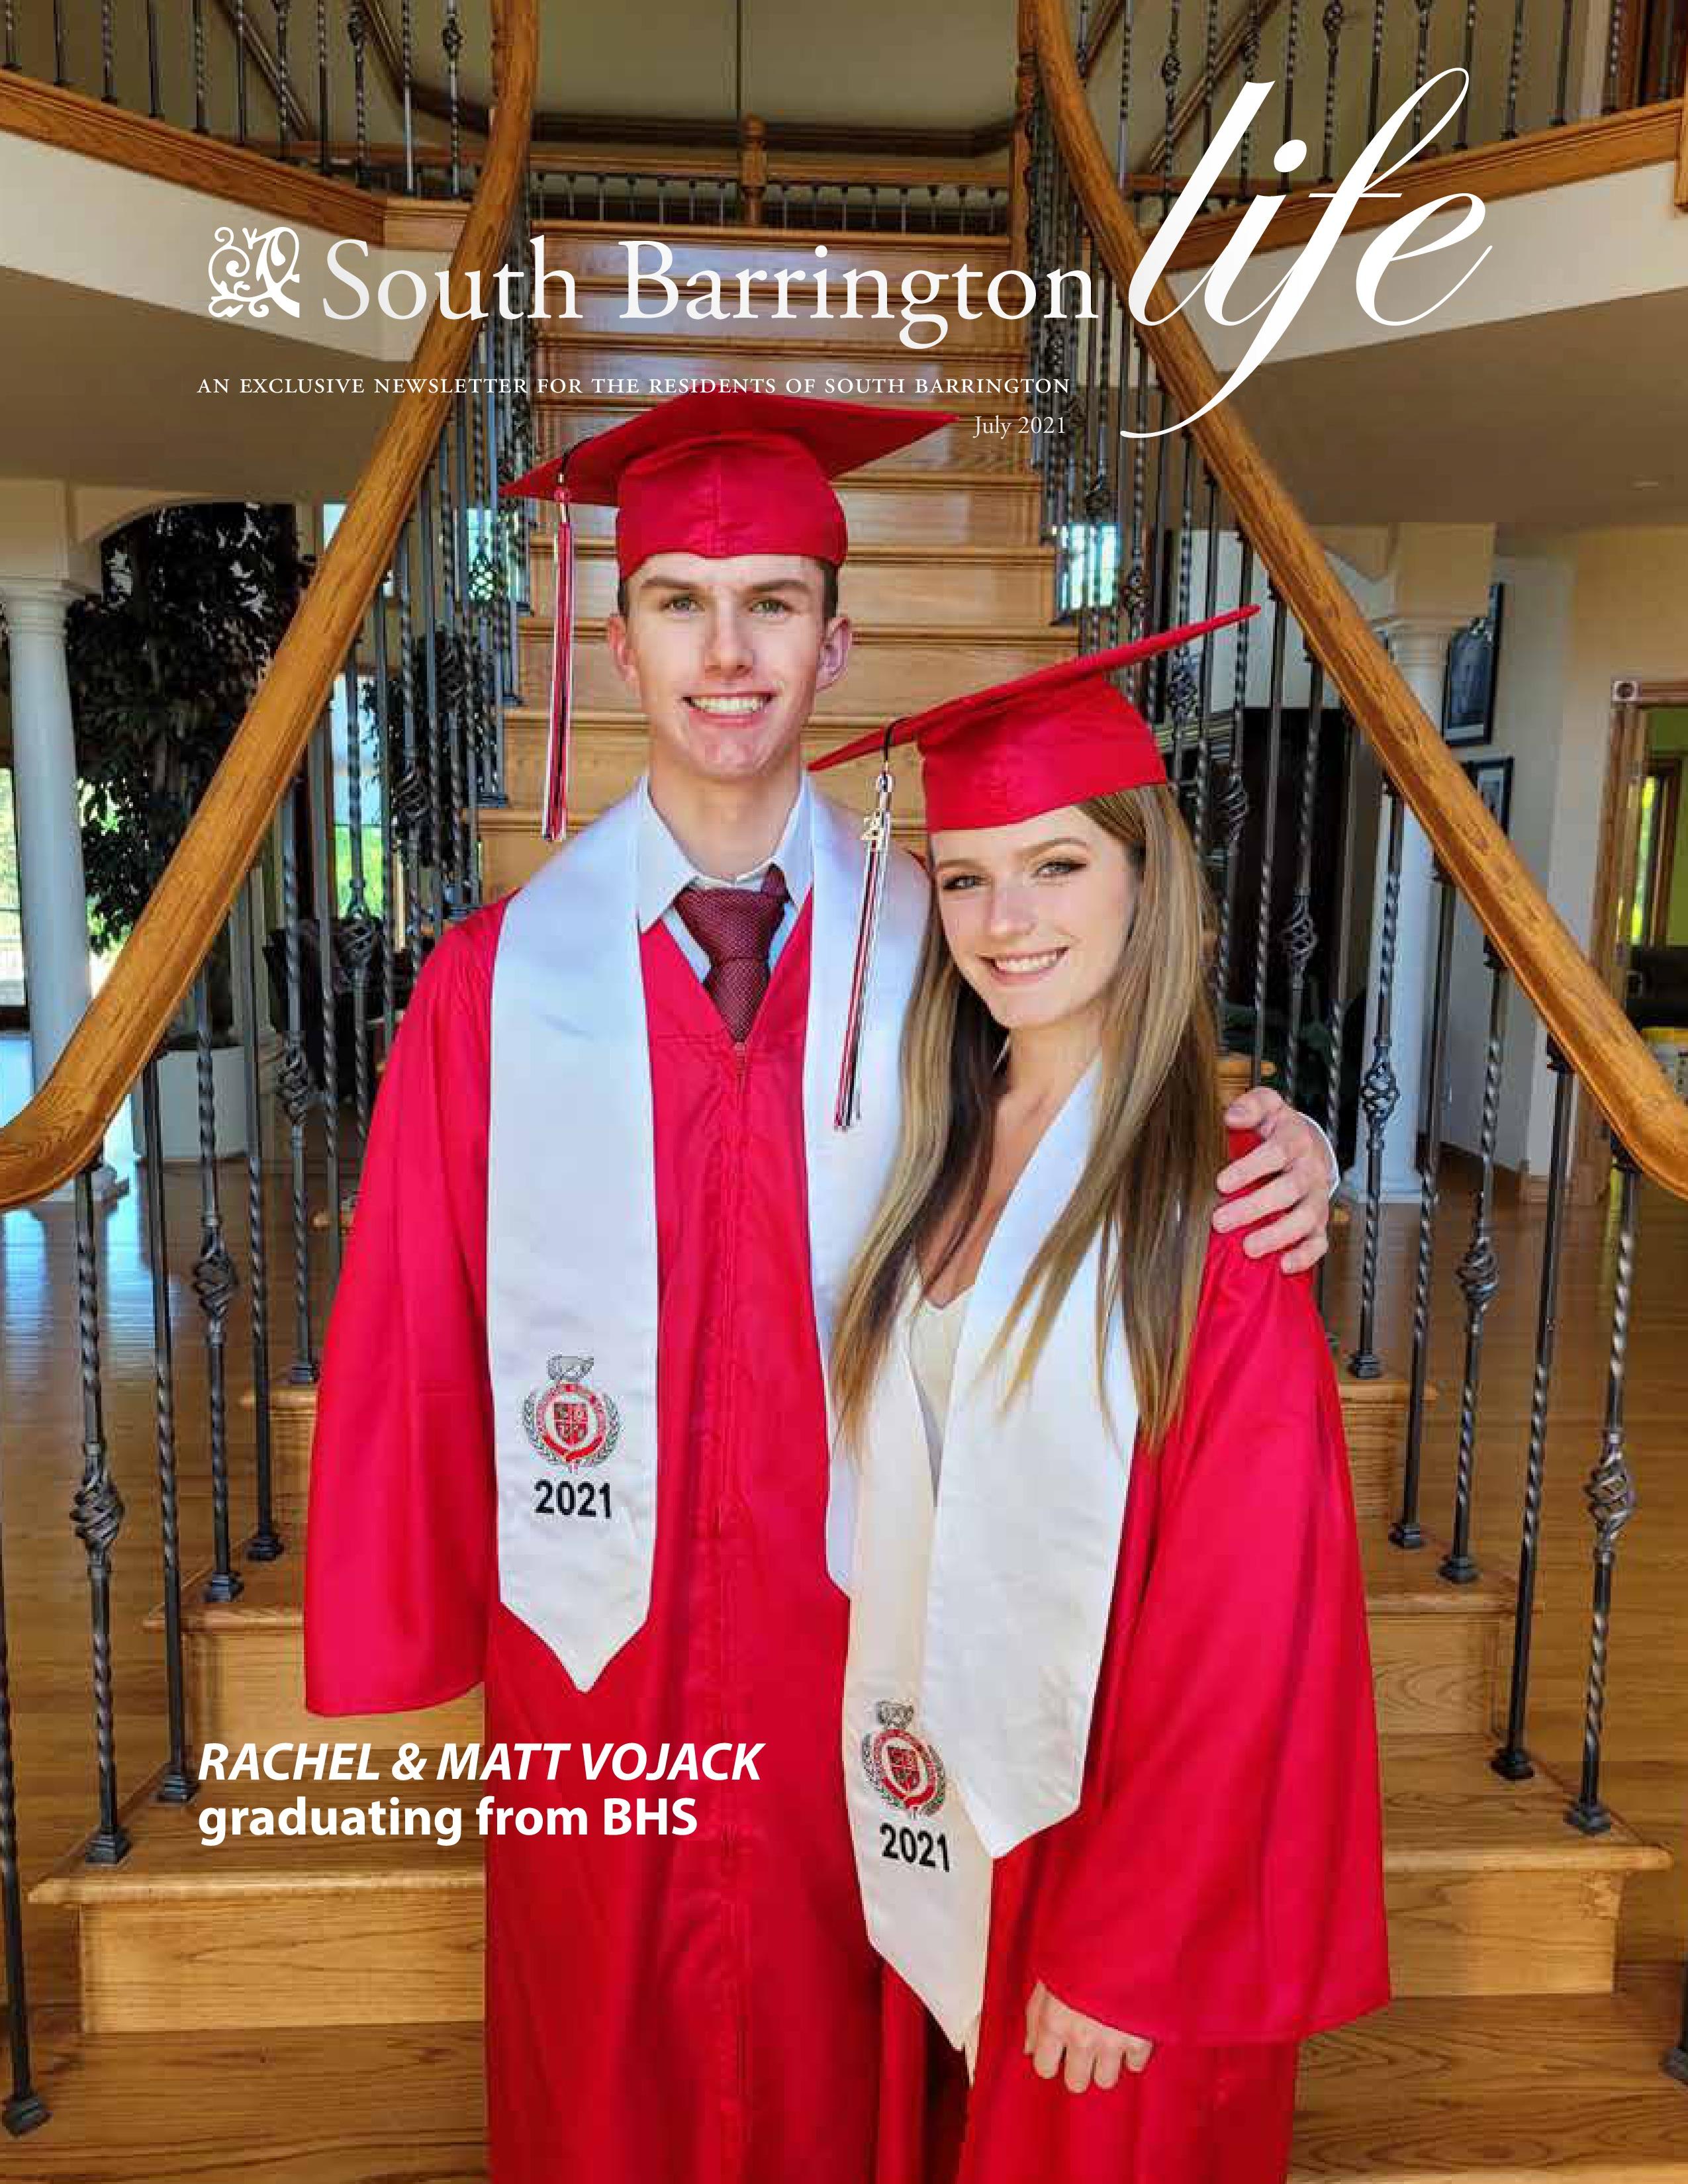 South Barrington Life 2021-07-01